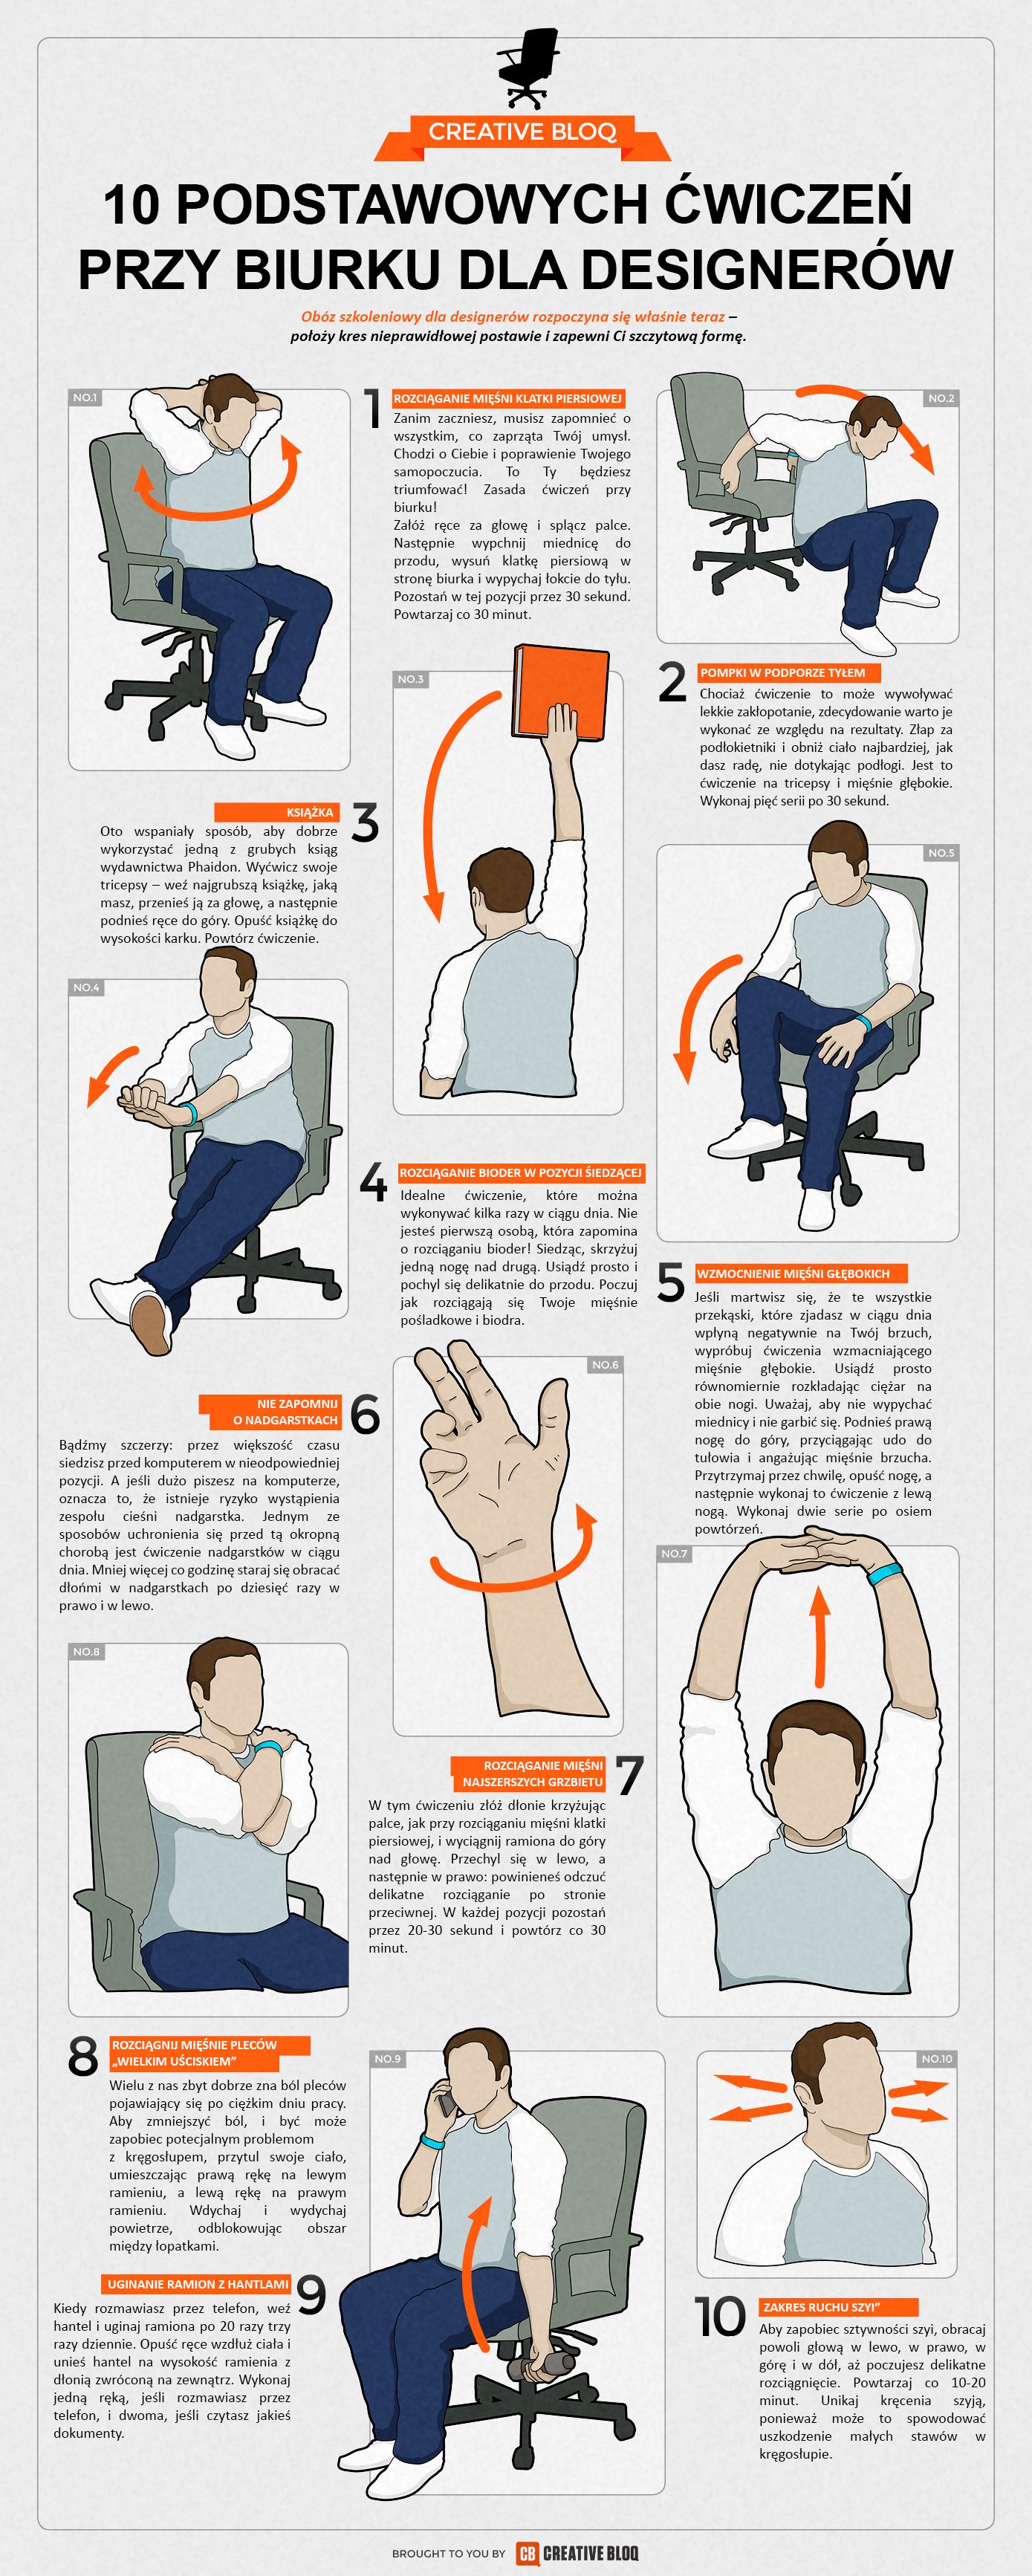 10 podstawowych ćwiczeń przy biurku dla designerów